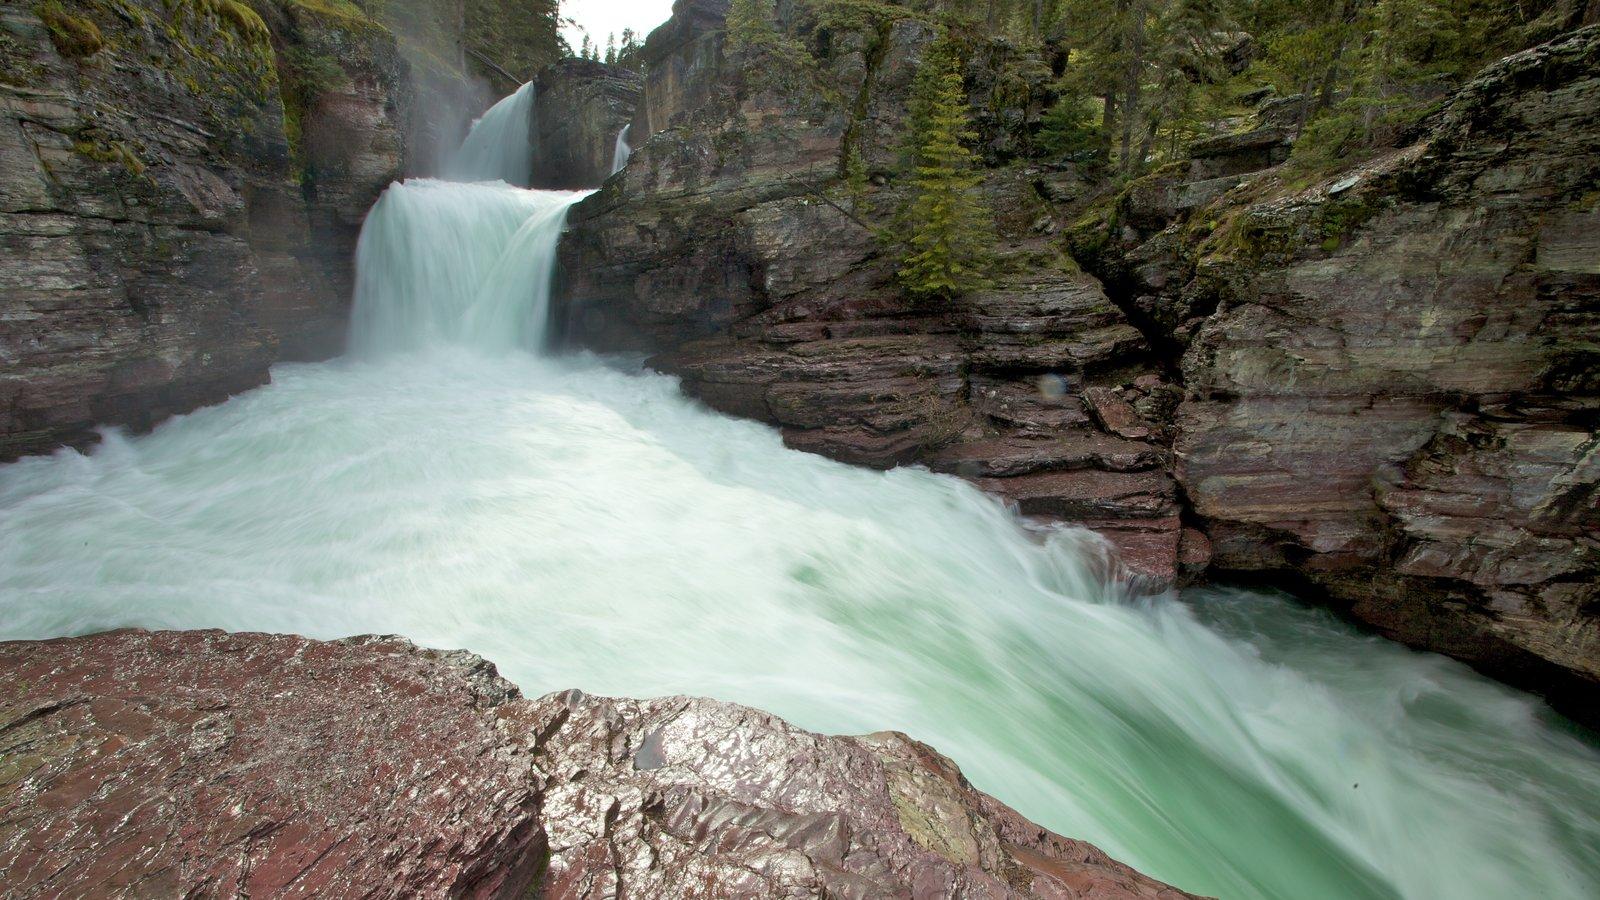 Parque Nacional de los Glaciares mostrando un río o arroyo y una catarata